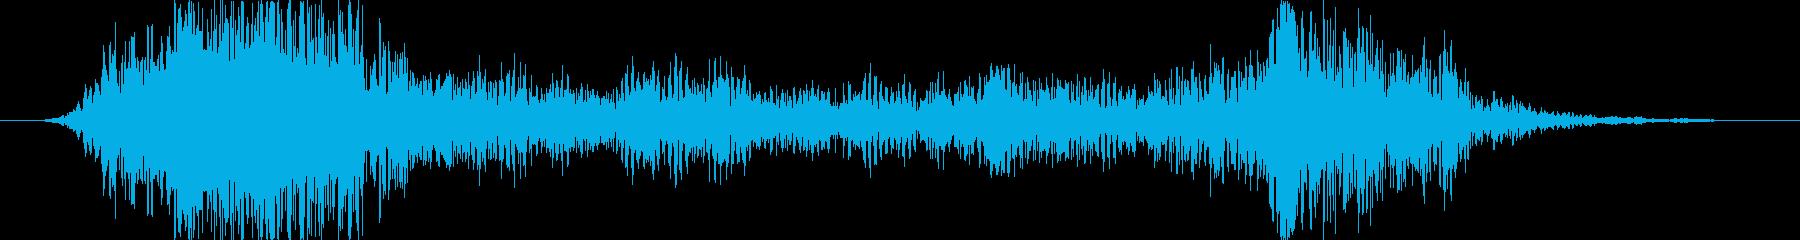 トランジション プロモーションパッド05の再生済みの波形